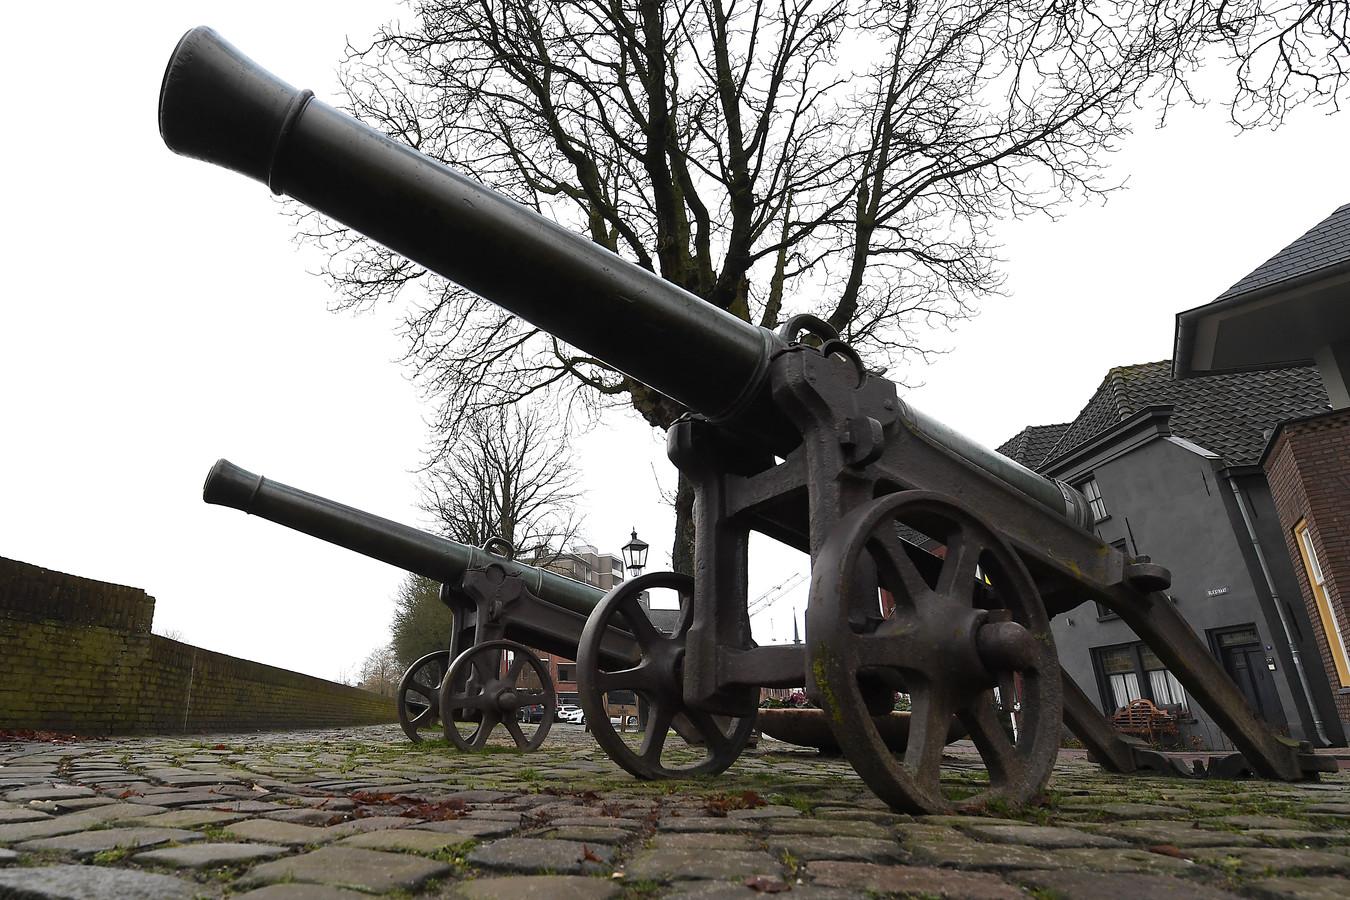 Grave had ter verdediging de kanonnen gericht op het Land van Cuijk. Maar die stelling wordt nu verlaten. 'Herindelen' is het nieuwe credo.